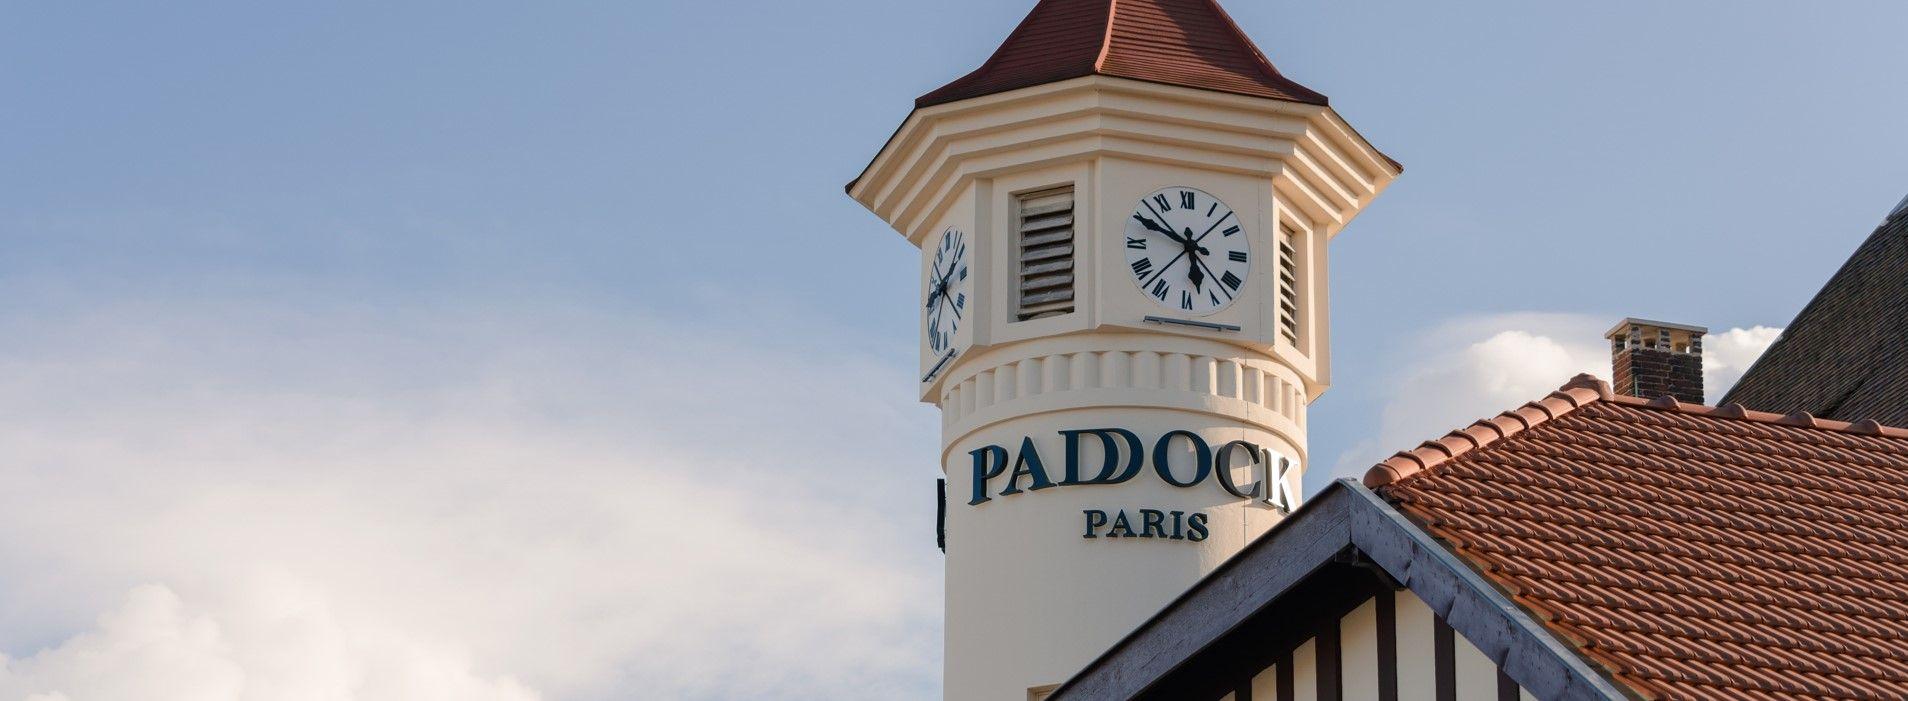 paddock-paris-horloge